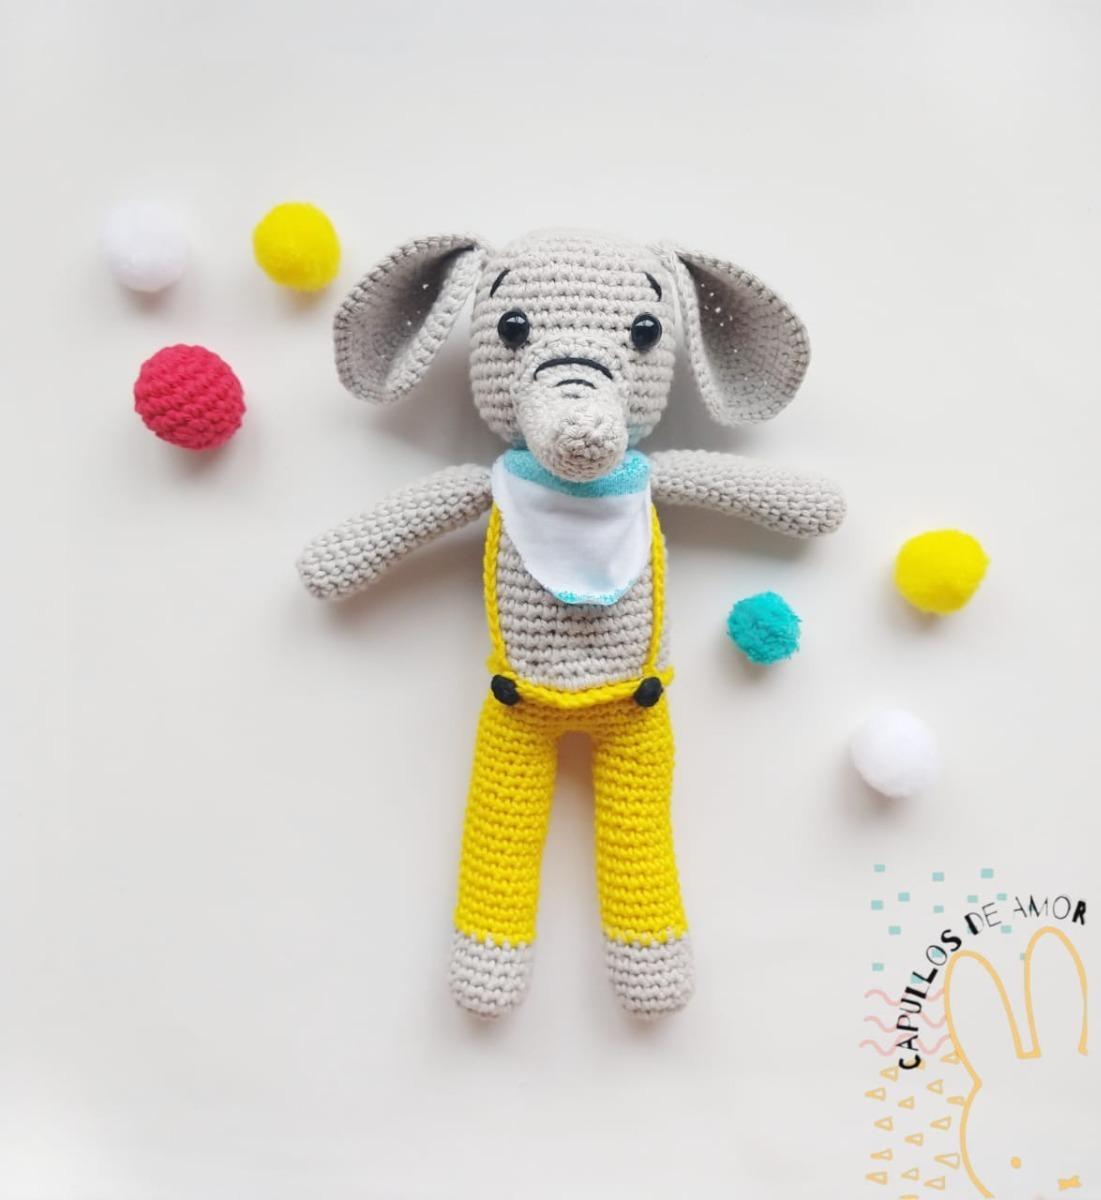 Tia Tona Crochet, Sargento Cabral y Roca, Ramos Mejía (2020) | 1200x1101